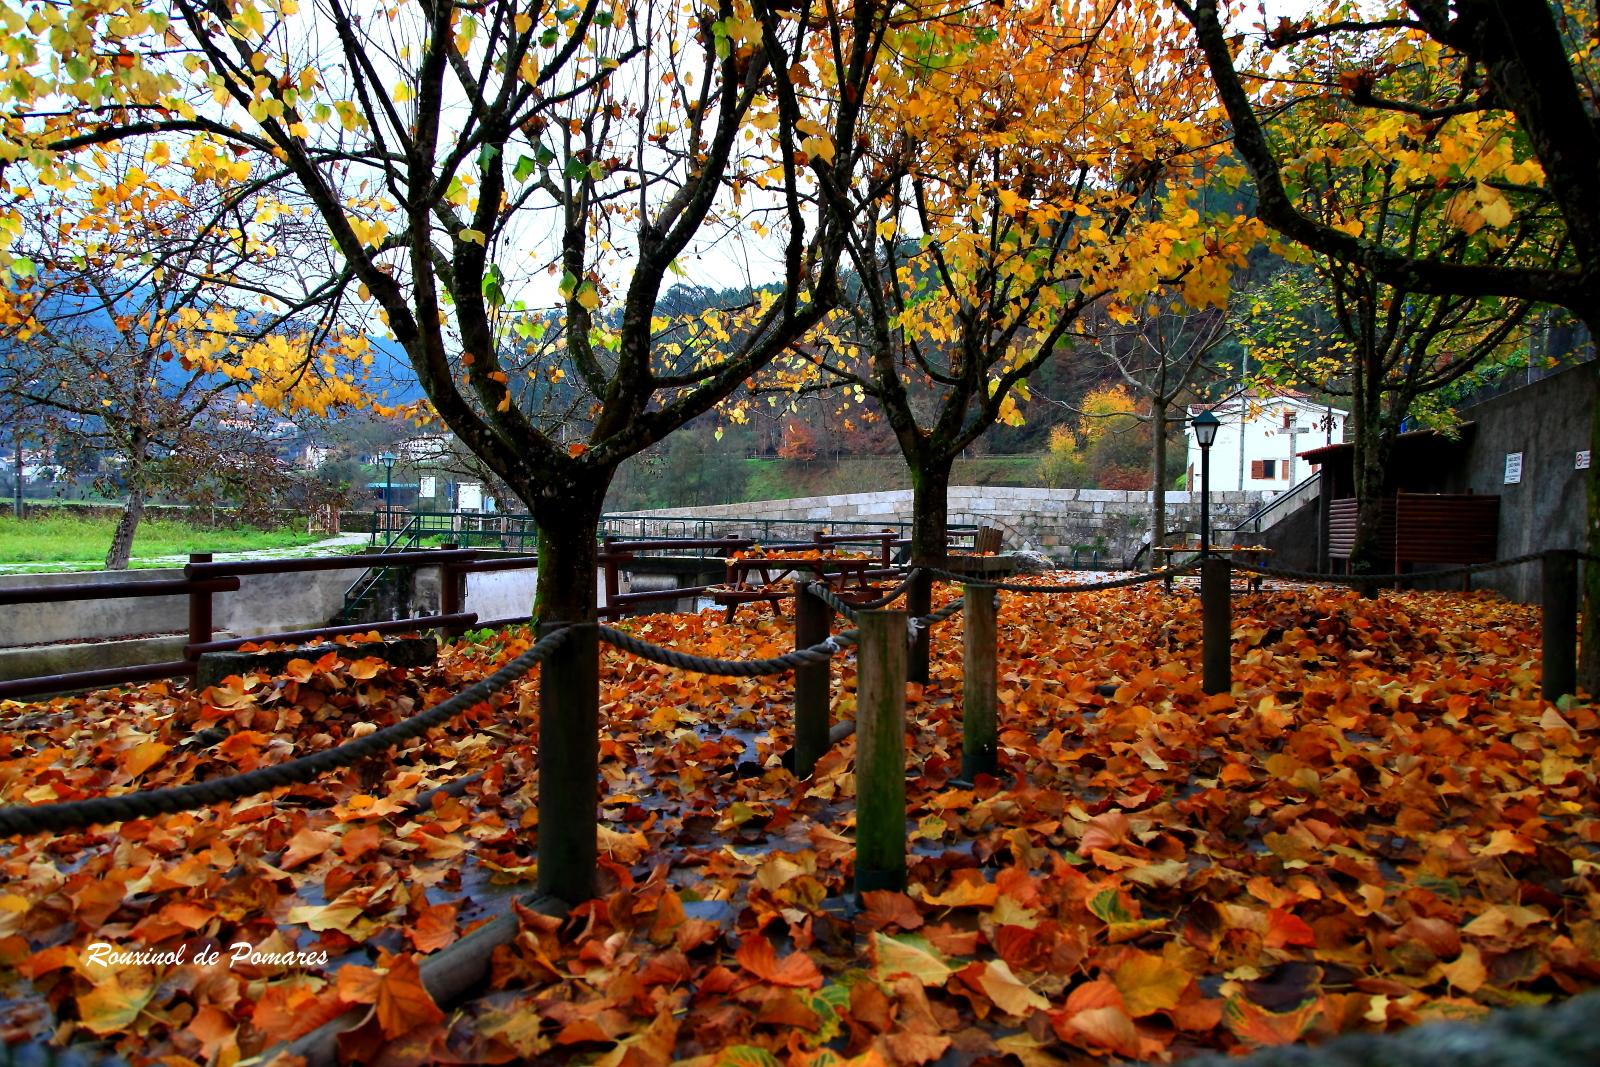 Outono em Pomares I (2)